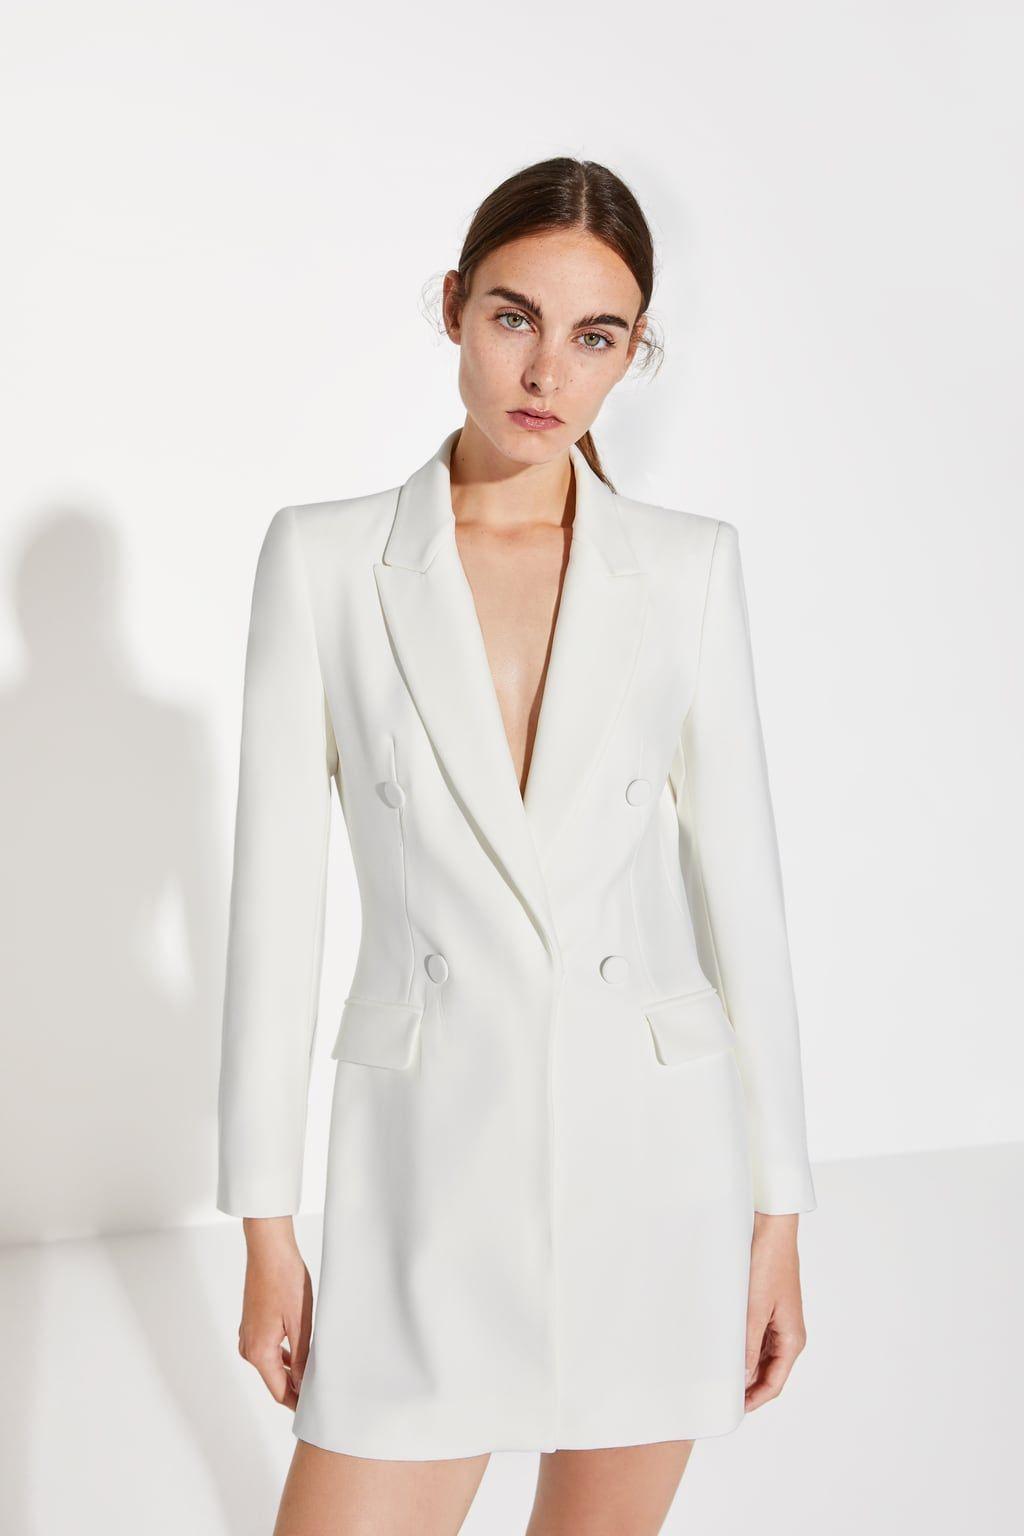 17++ White blazer dress ideas in 2021